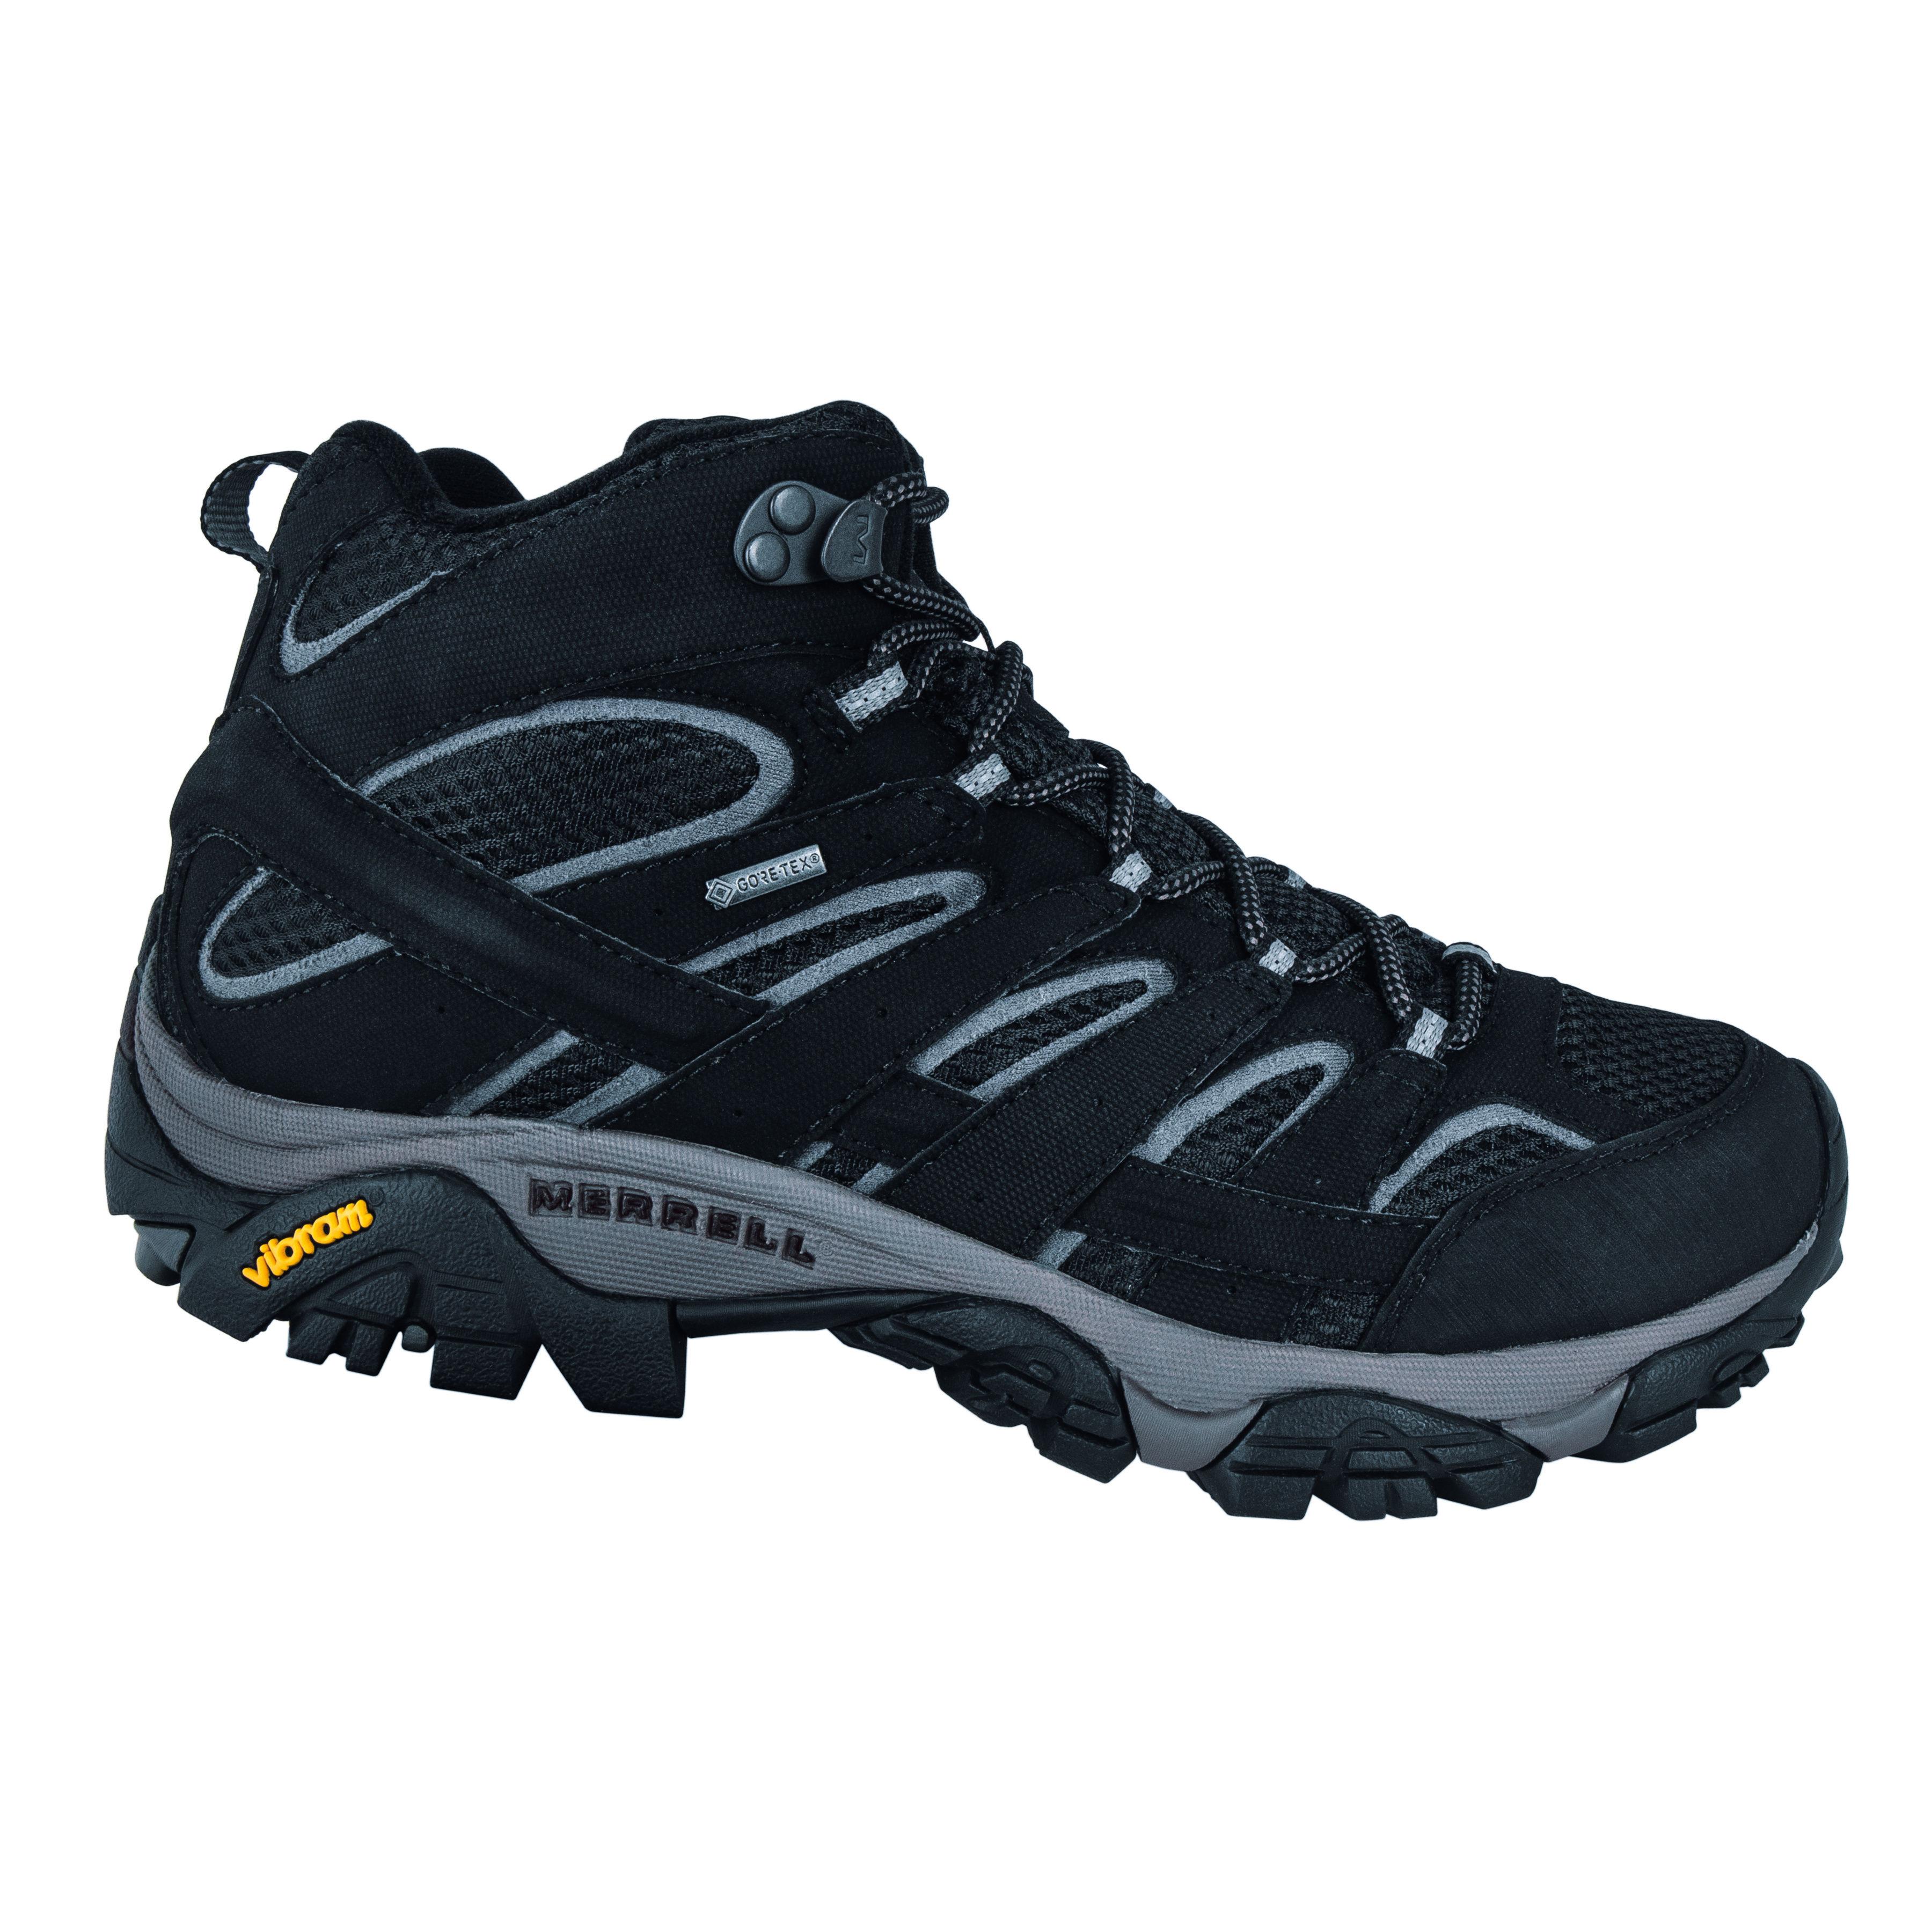 meilleur site web style exquis 100% de qualité Chaussure à lacer Merrell Moab MId GTX hommes noir